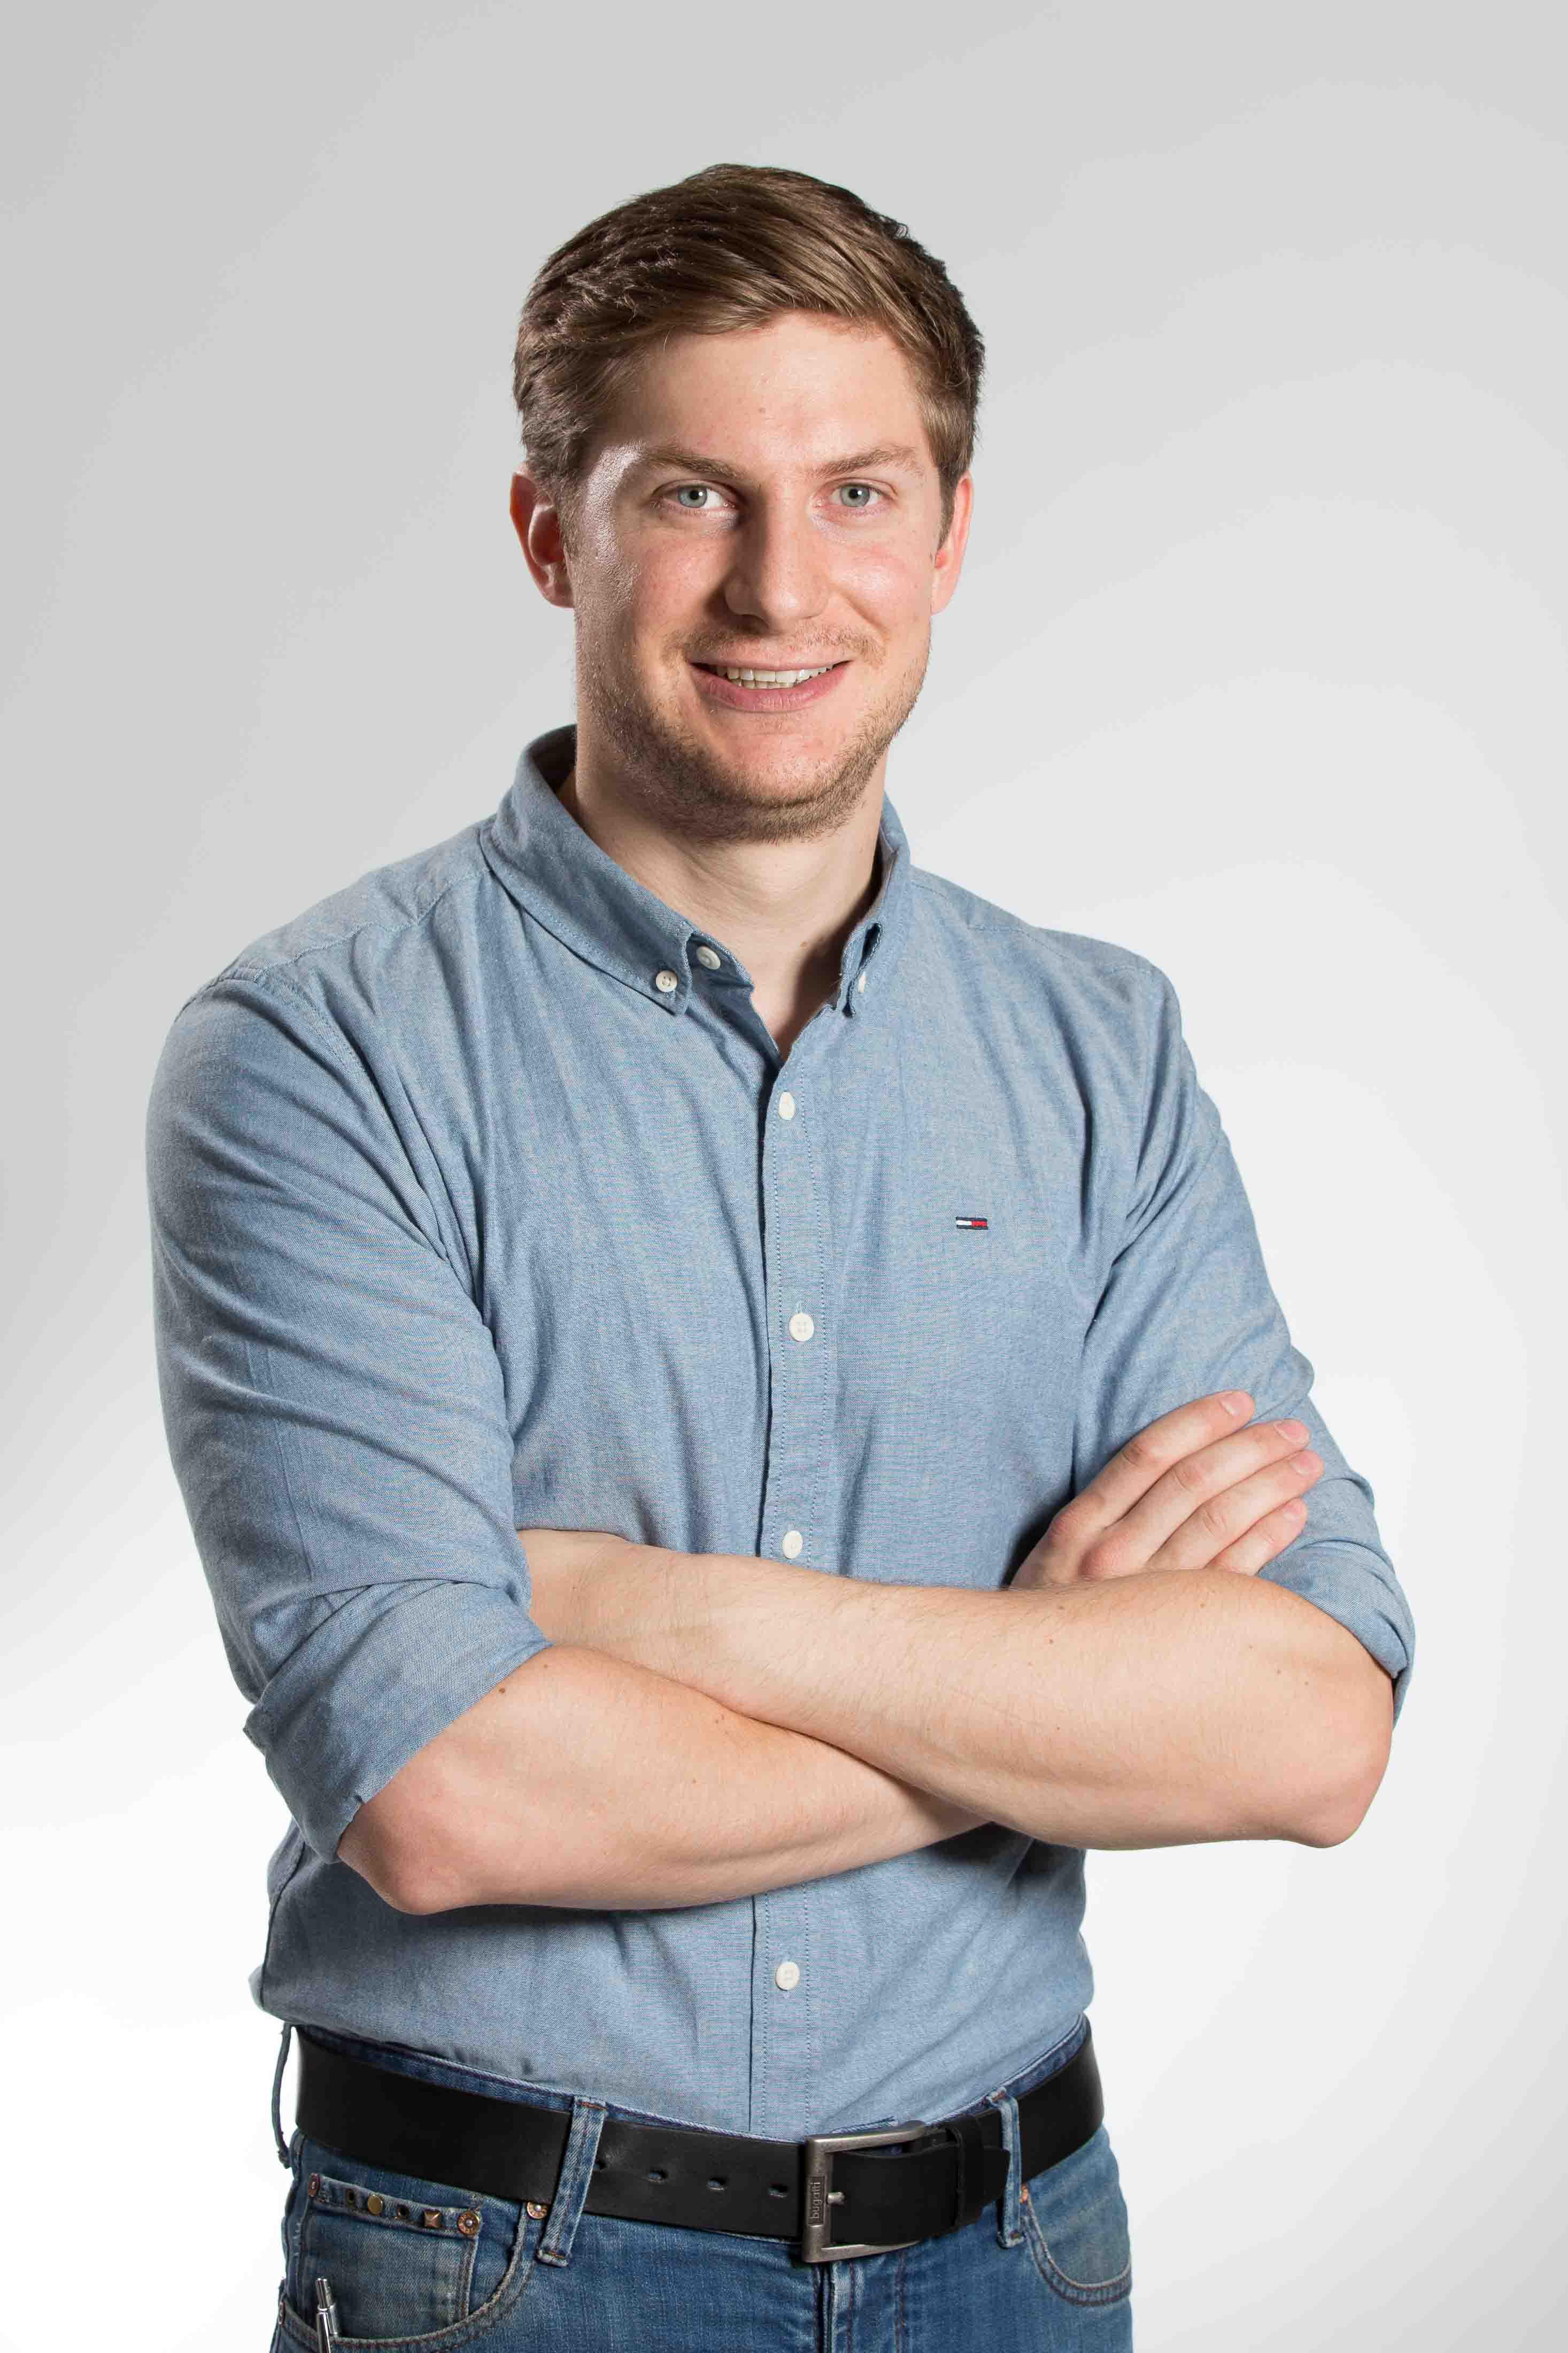 Chris Stuhldreier